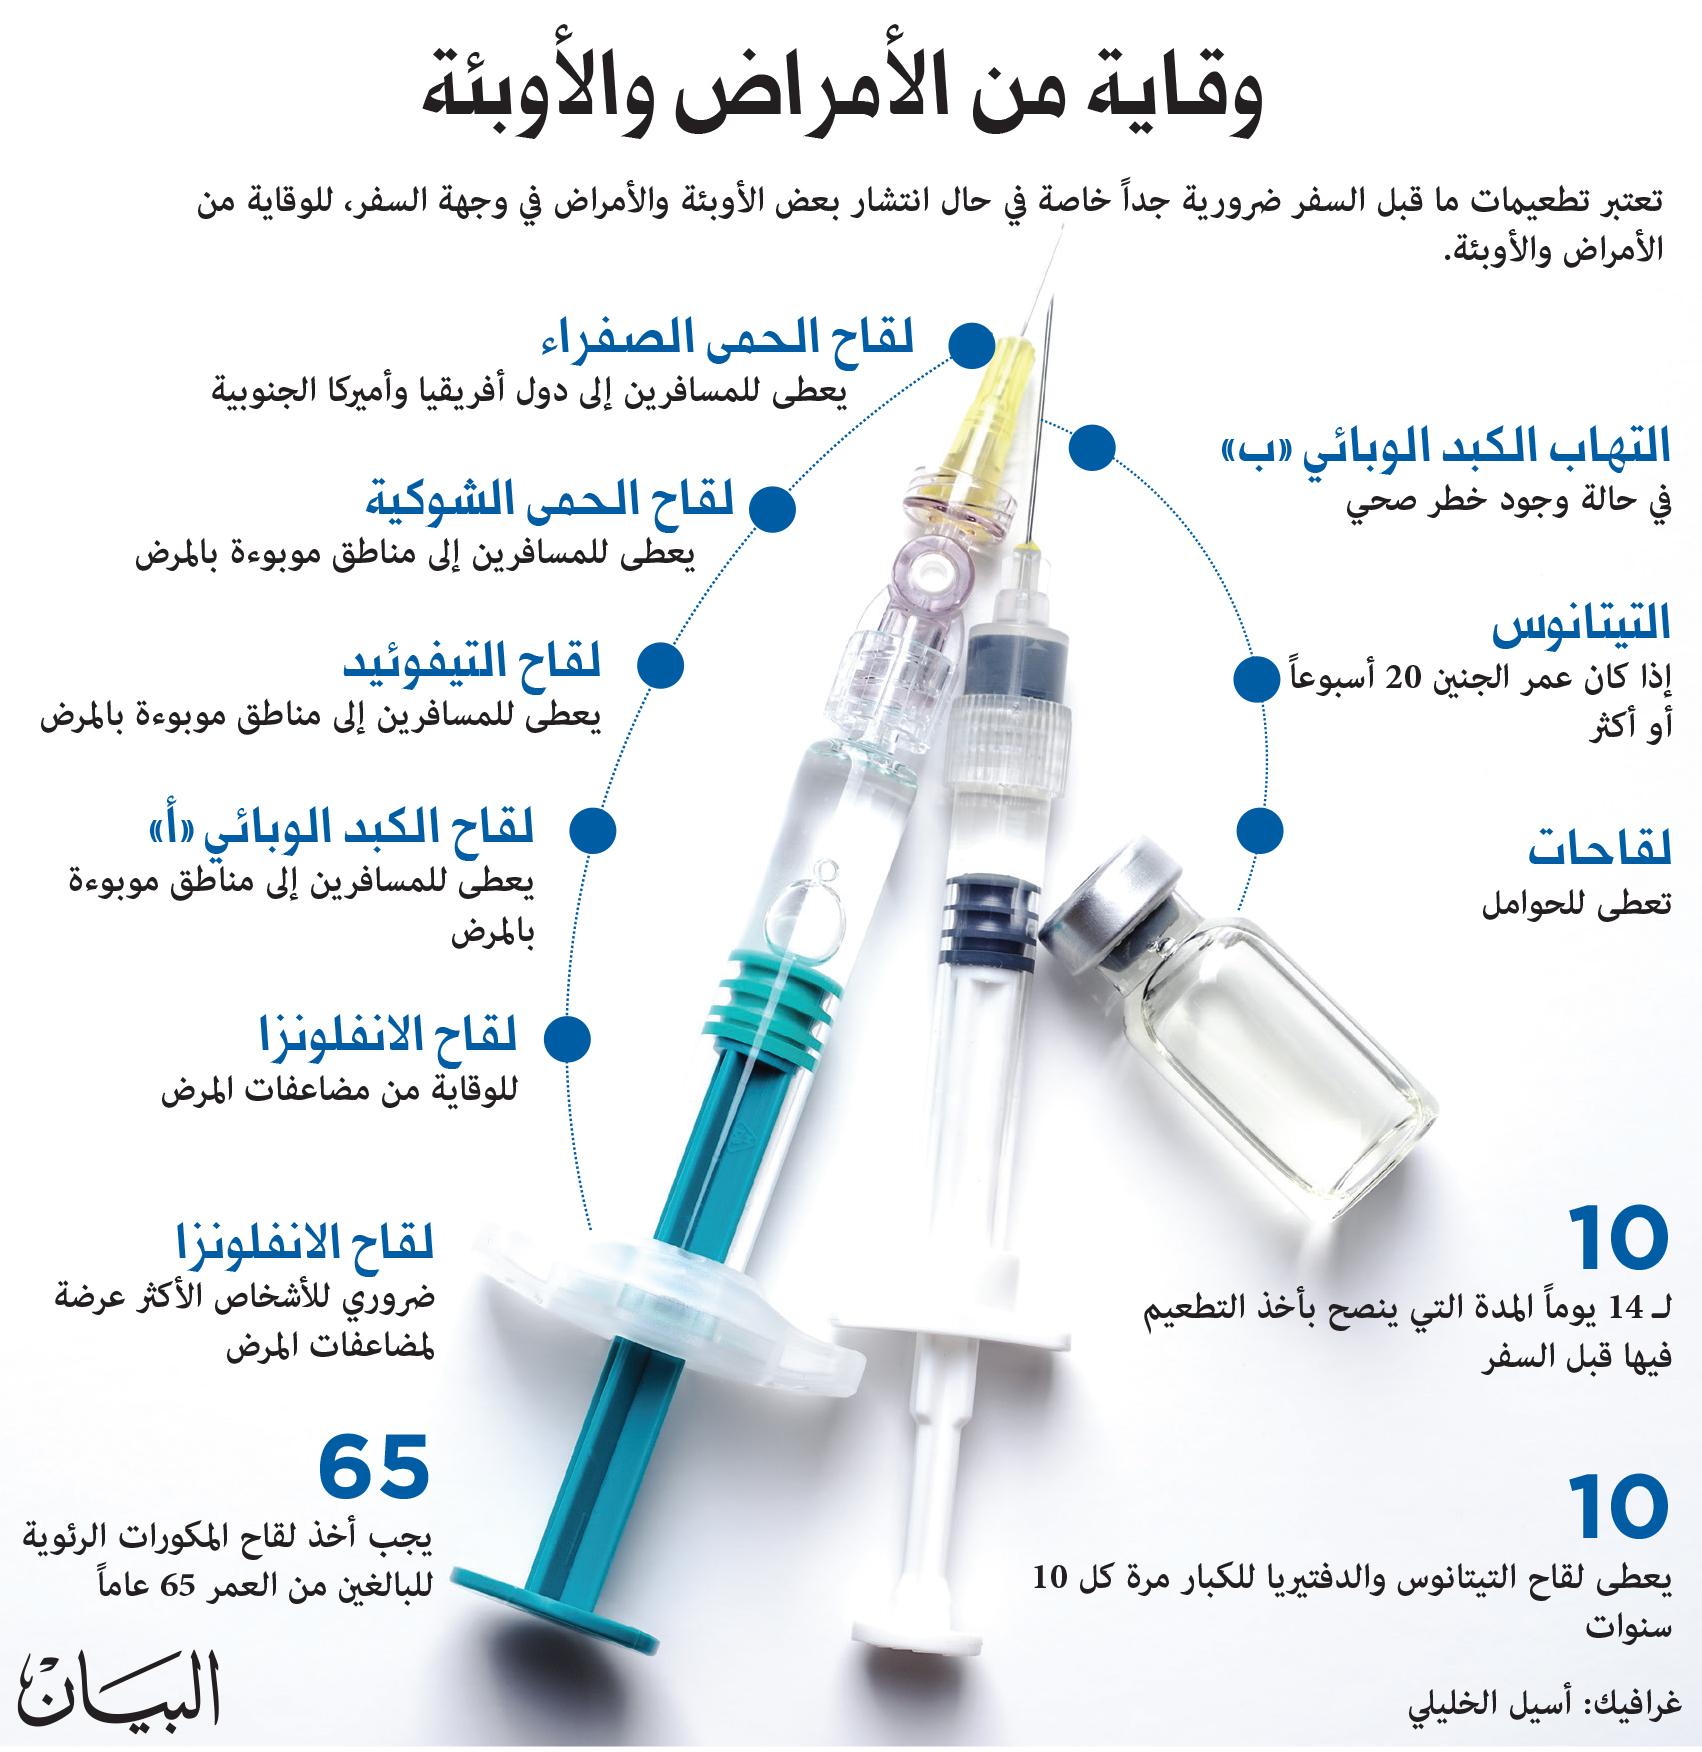 سعر كرتون الكودرد في الكويت